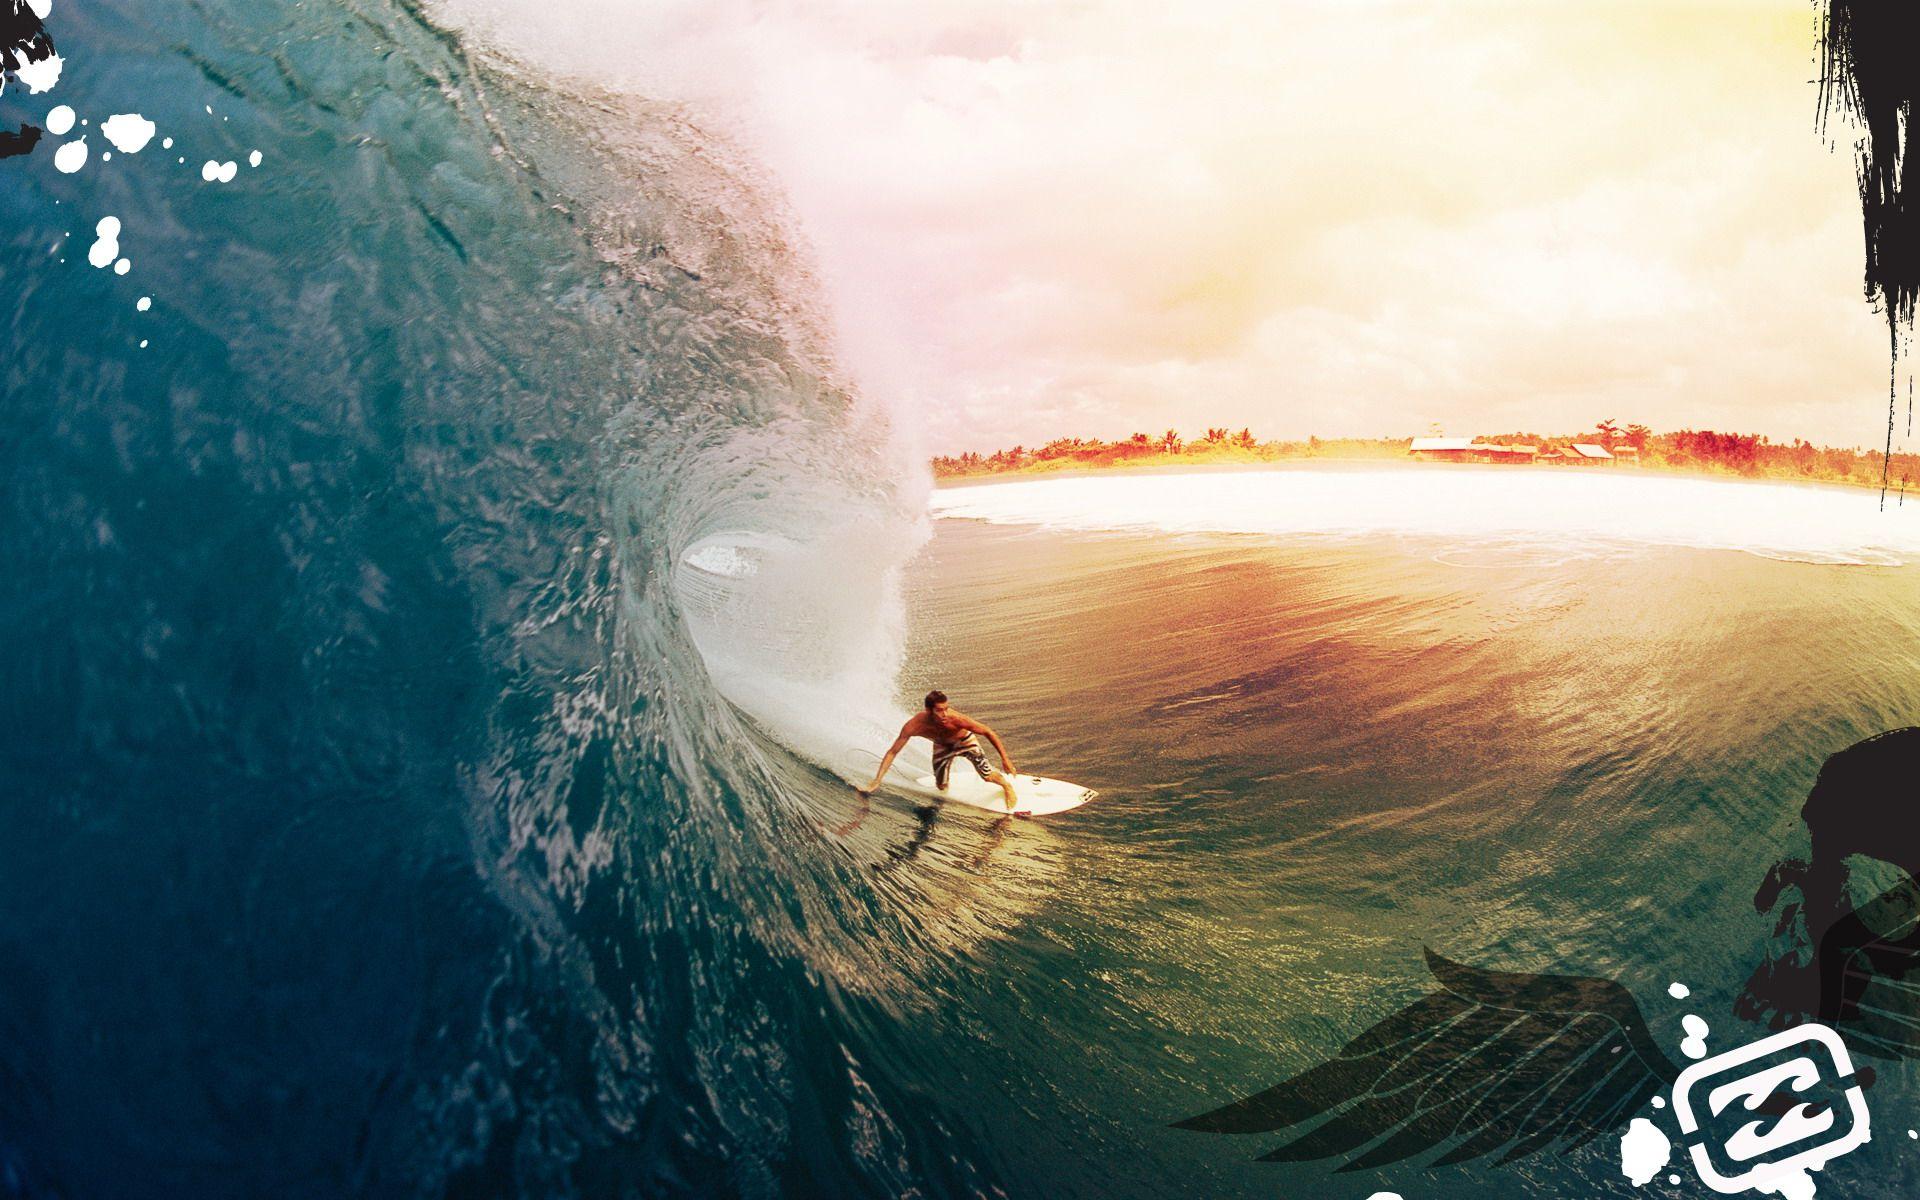 Billabong Surfing wallpaper 211368